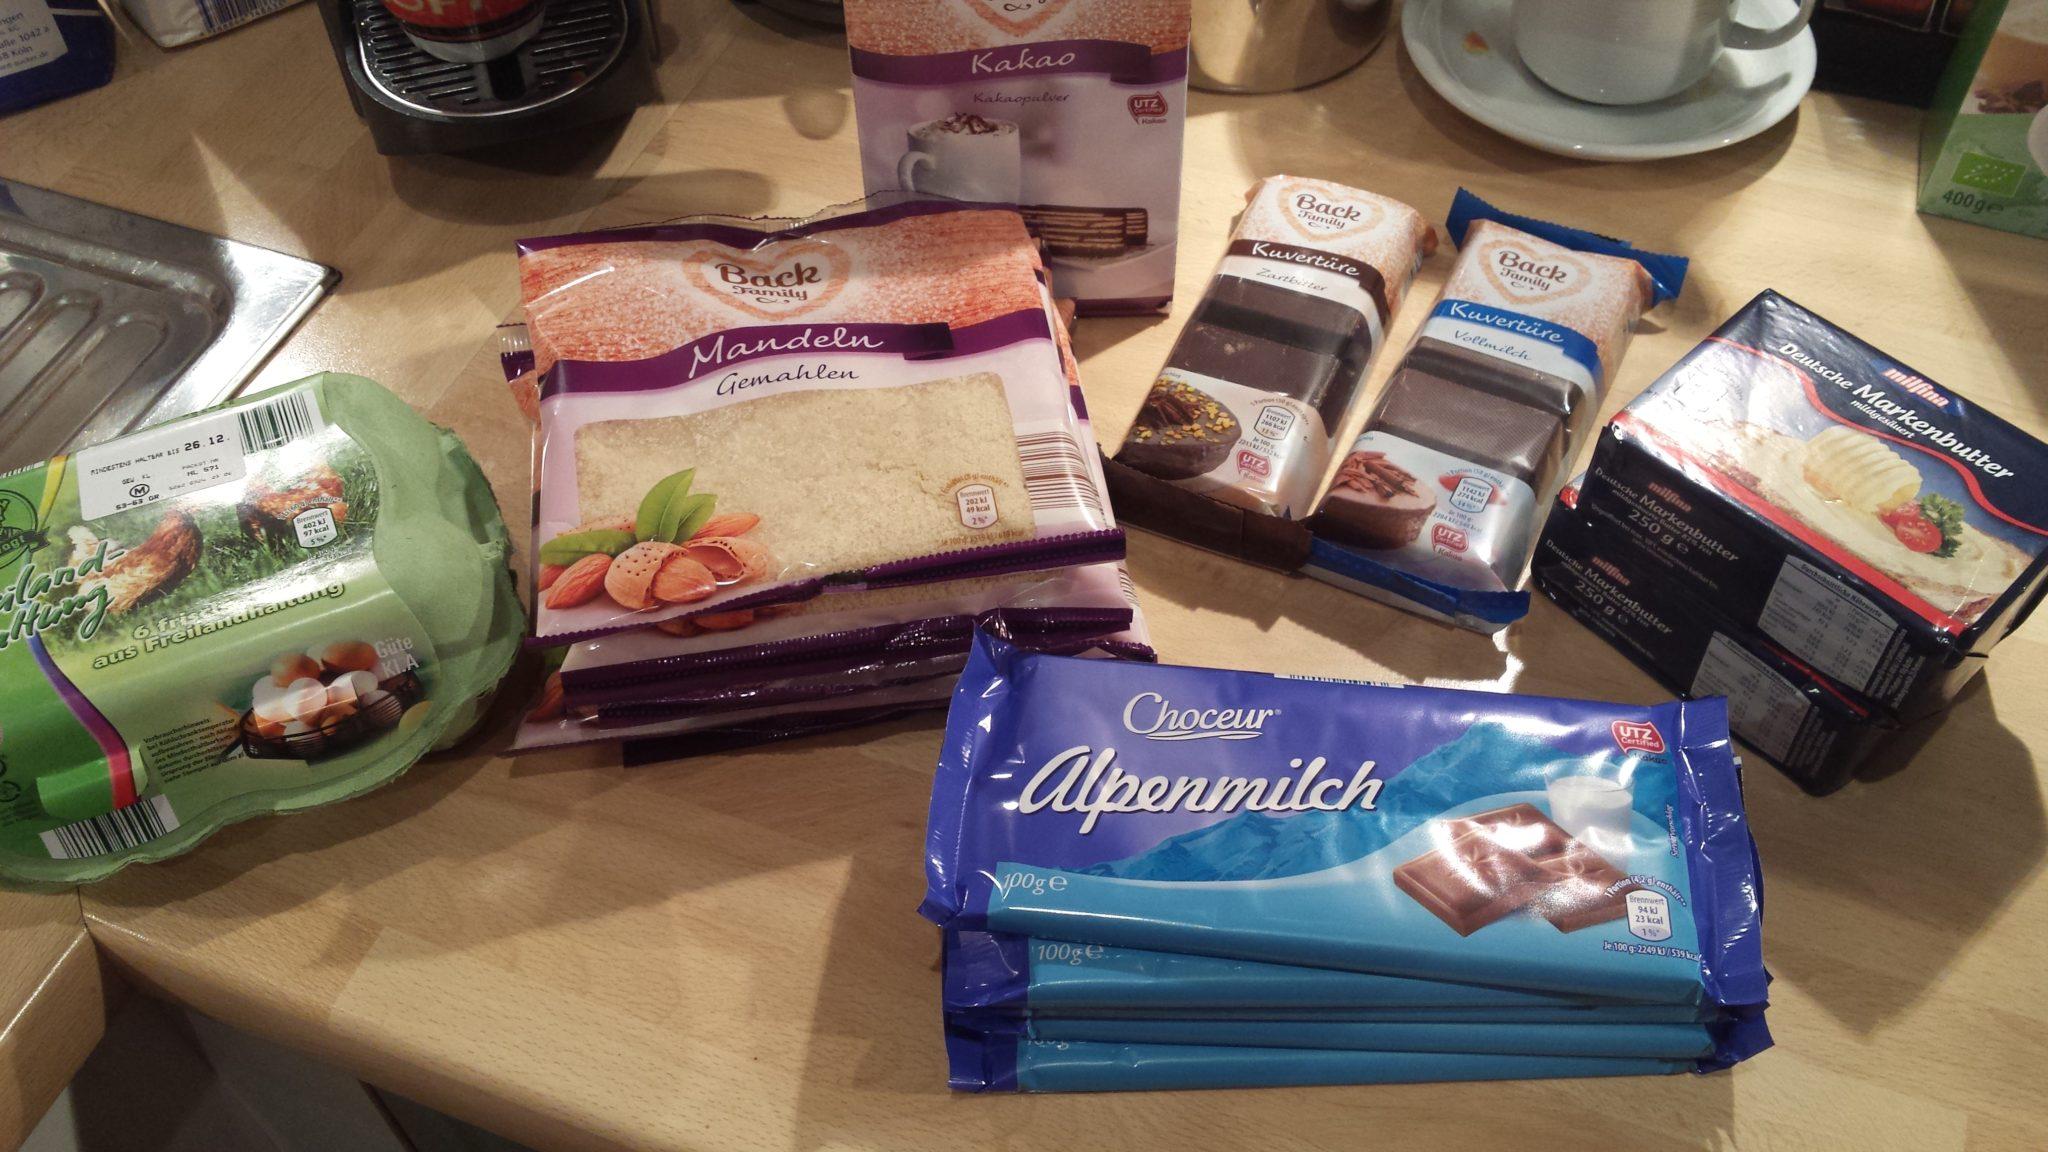 Vorbereitung für die Weihnachtsbäckerei